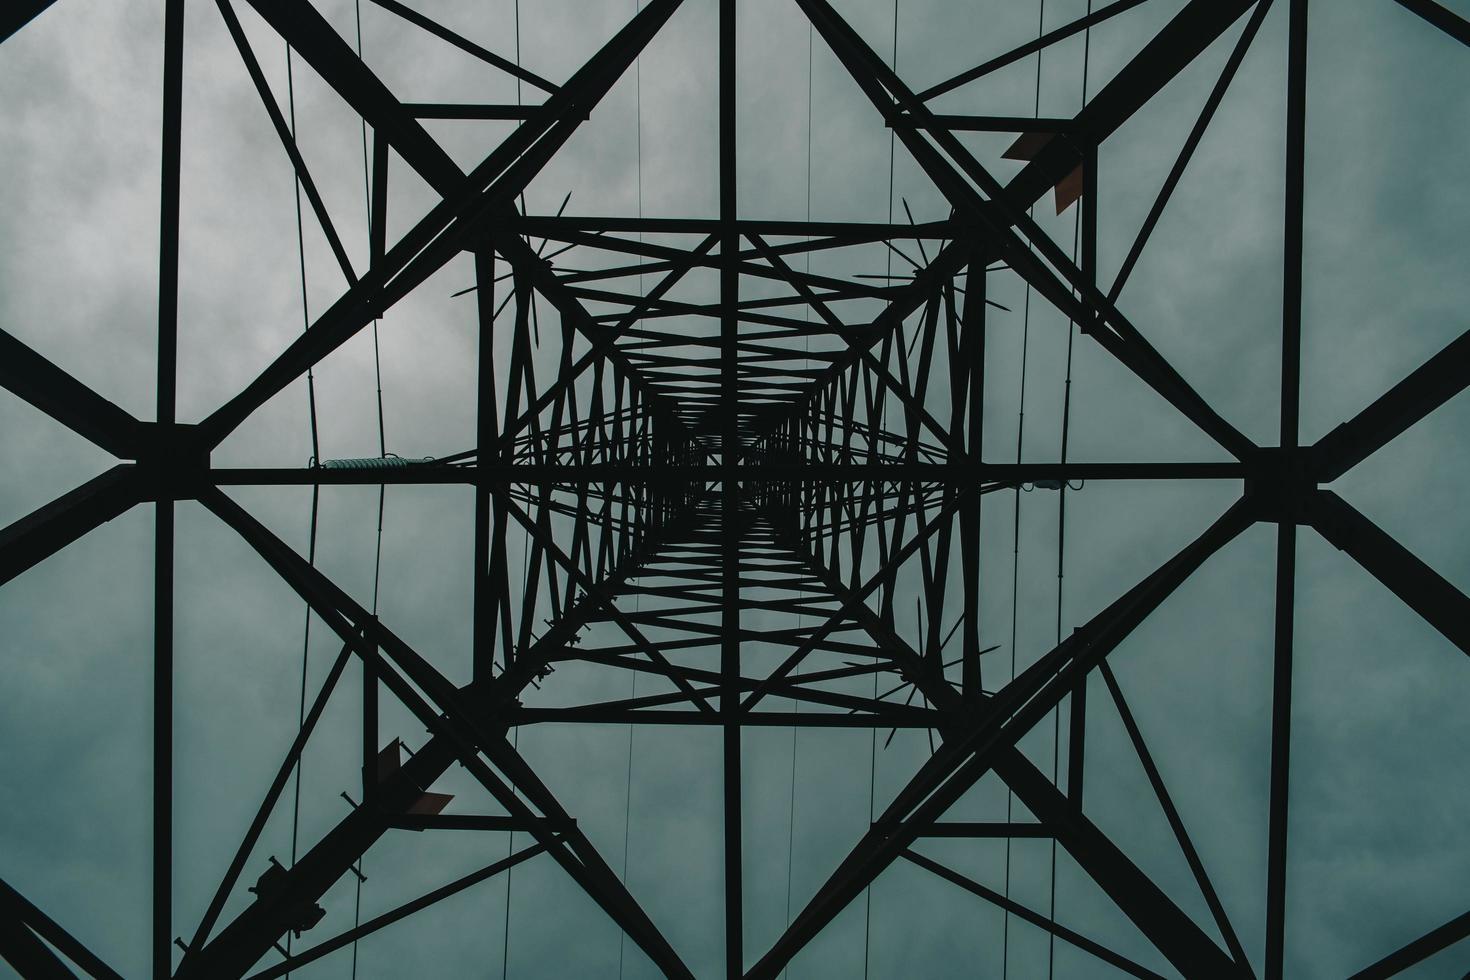 låg vinkel utsikt över tornet foto